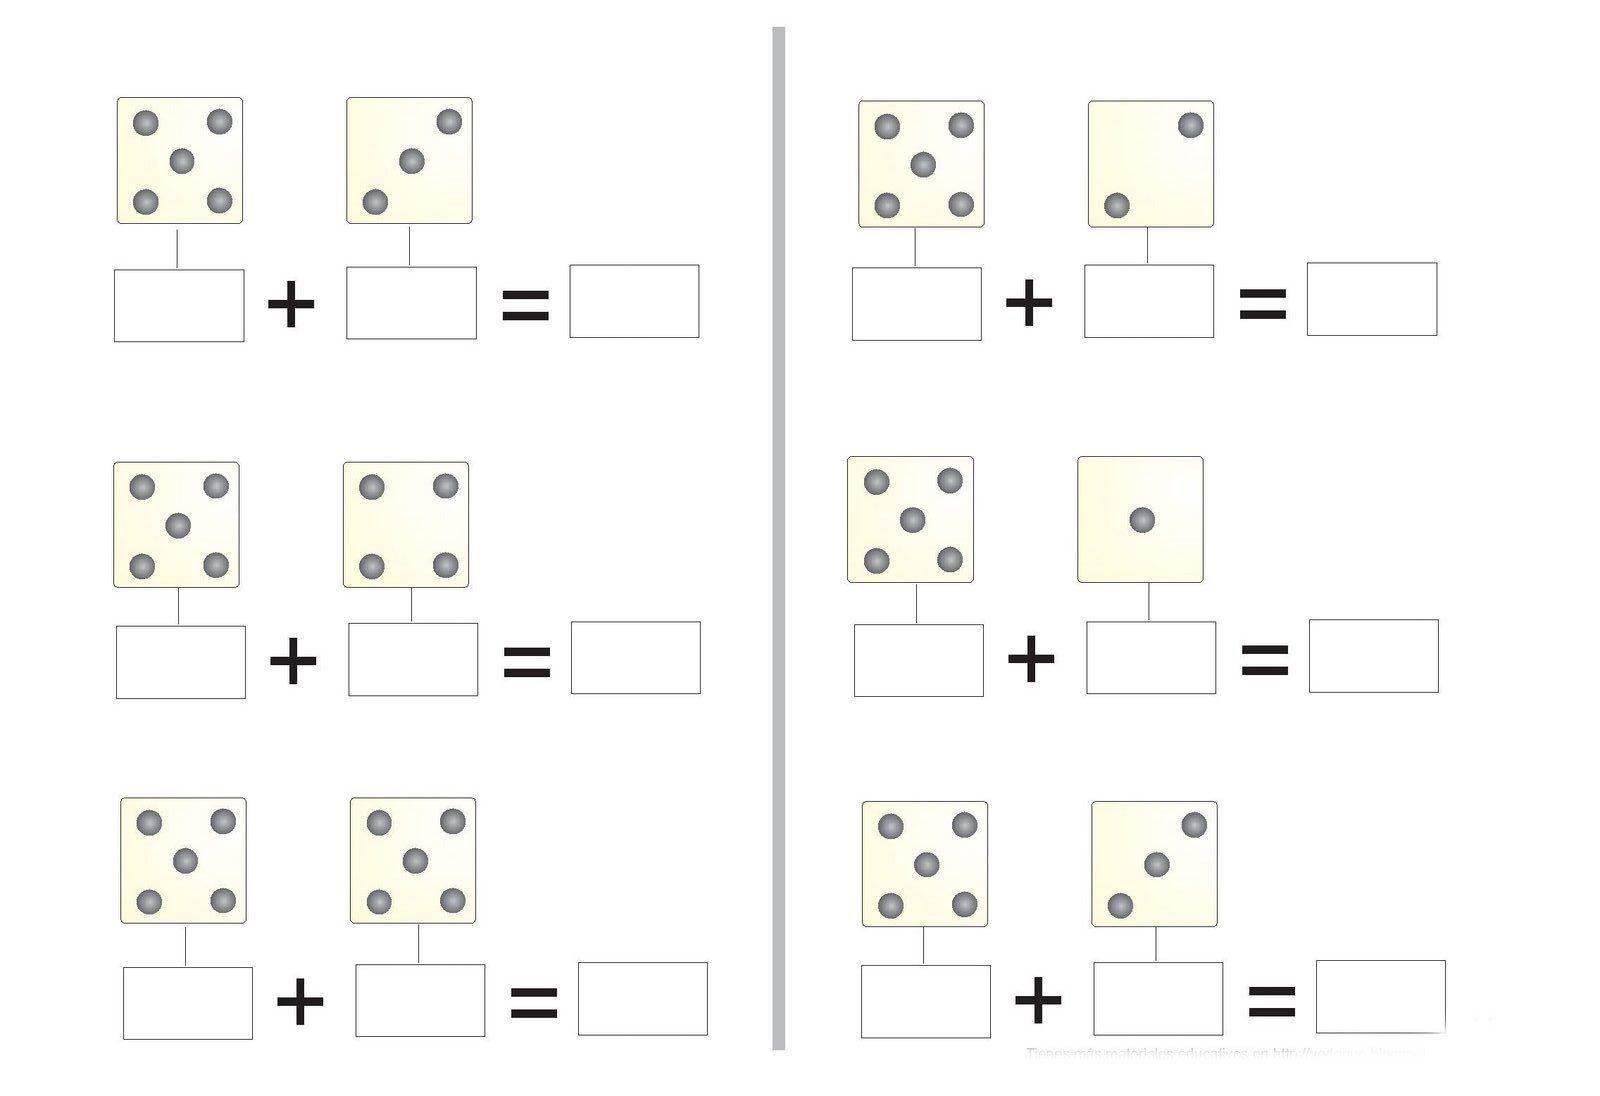 Fichas matemáticas para imprimir. Escribe la cantidad de puntos en ...